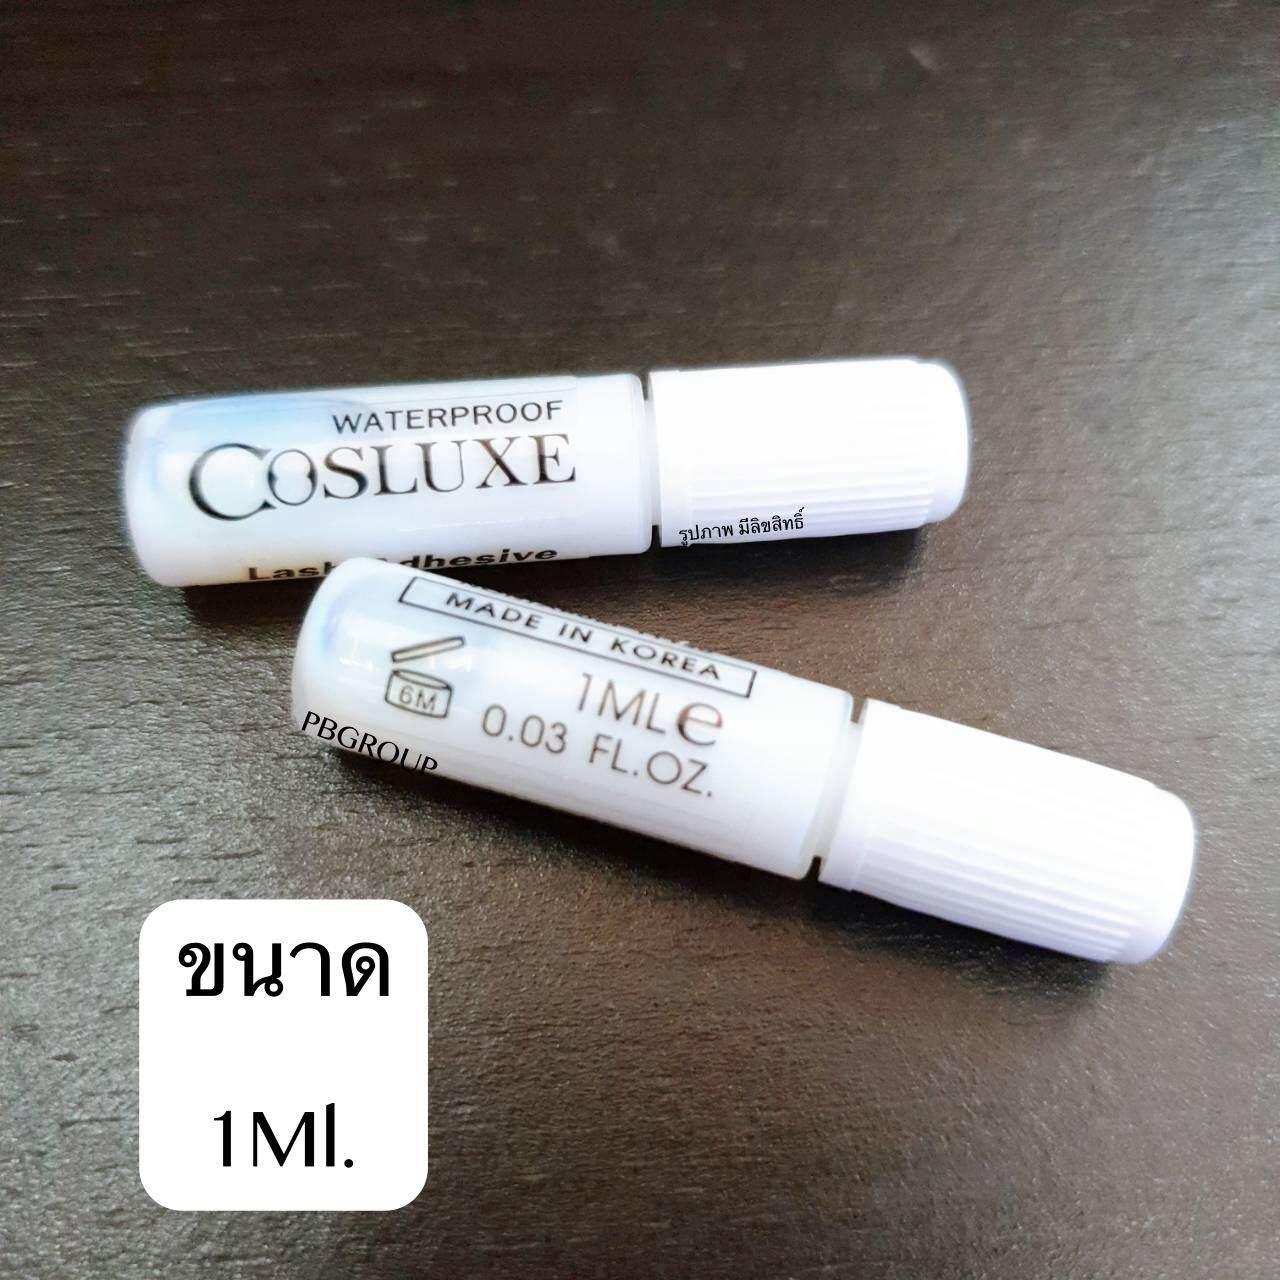 มีให้เลือก 2ขนาด Cosluxe Lash Adhesive Waterproof & Long-Wearing Formula White กาวติดขนตาปลอมชนิดพู่กัน